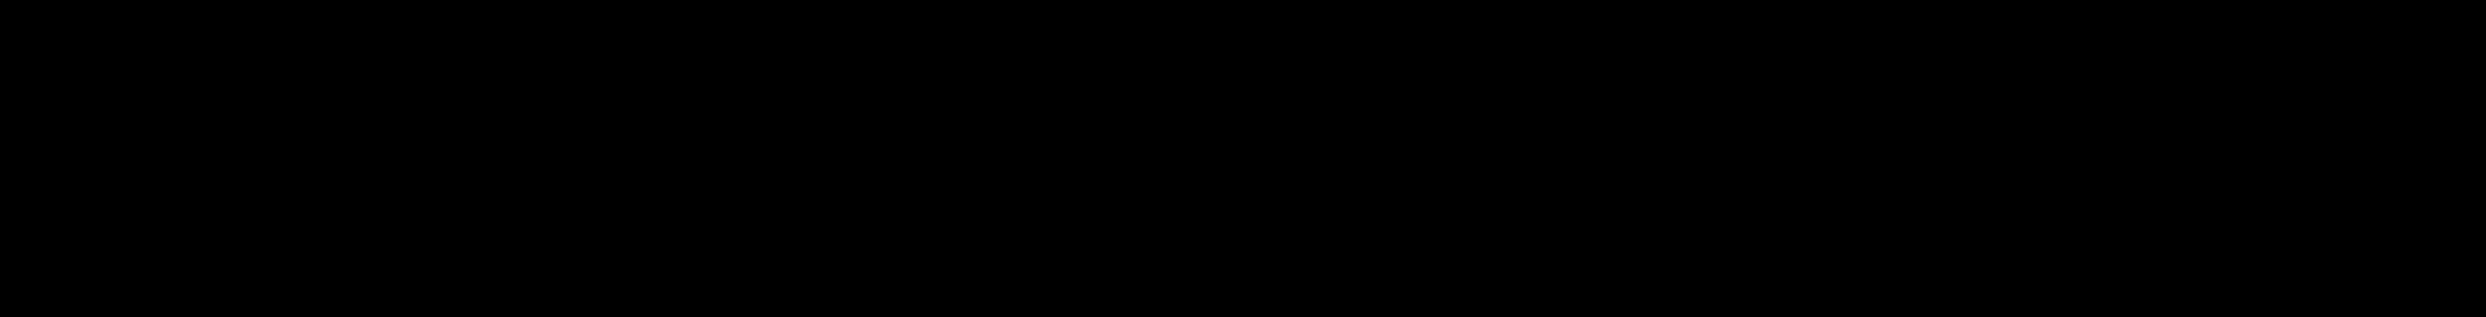 Loblaw Digital-logo